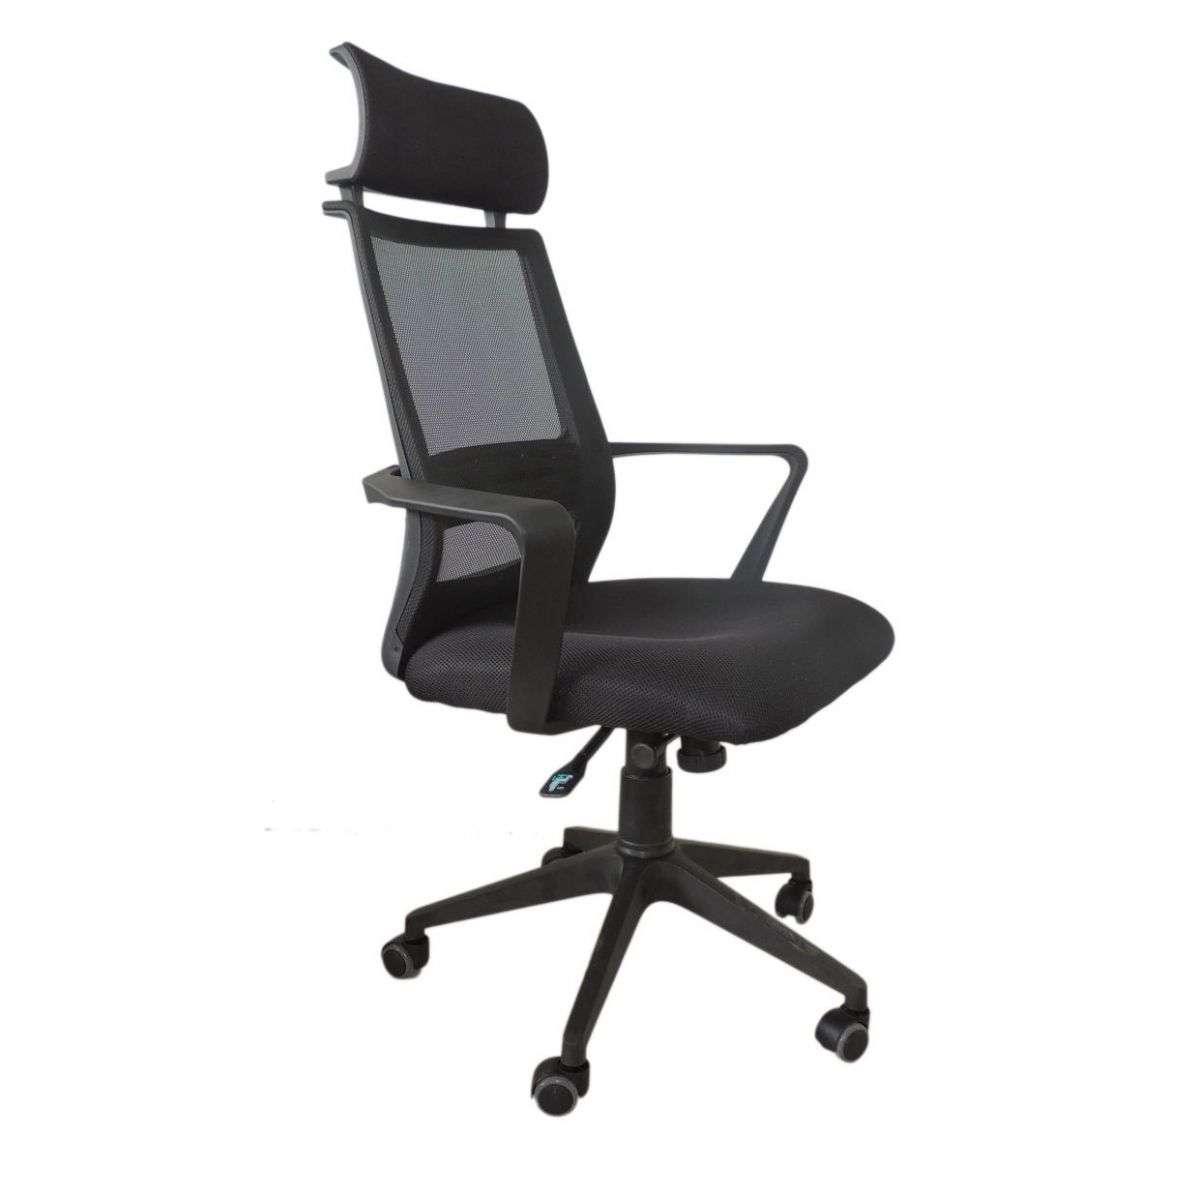 32d59b4d7 Cadeira Presidente Giratória Em Tela Mesh Pelegrin Pel-493